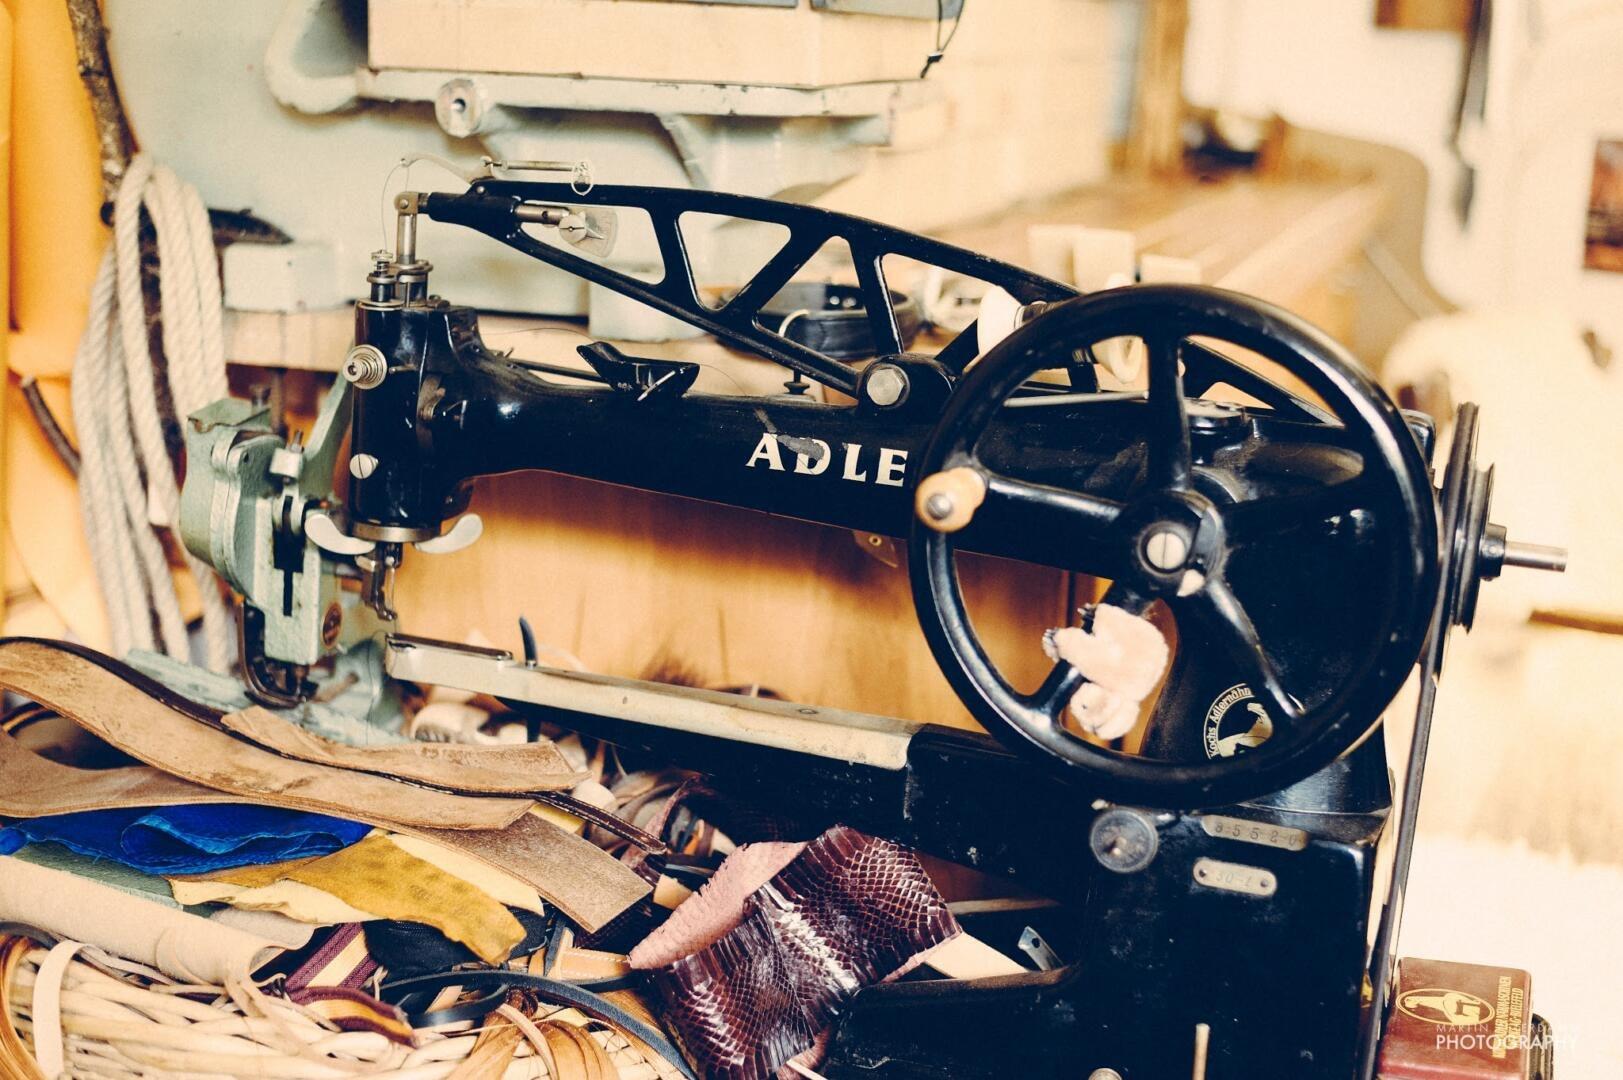 Lederwerkstatt in Bremen DSC 2796 2011